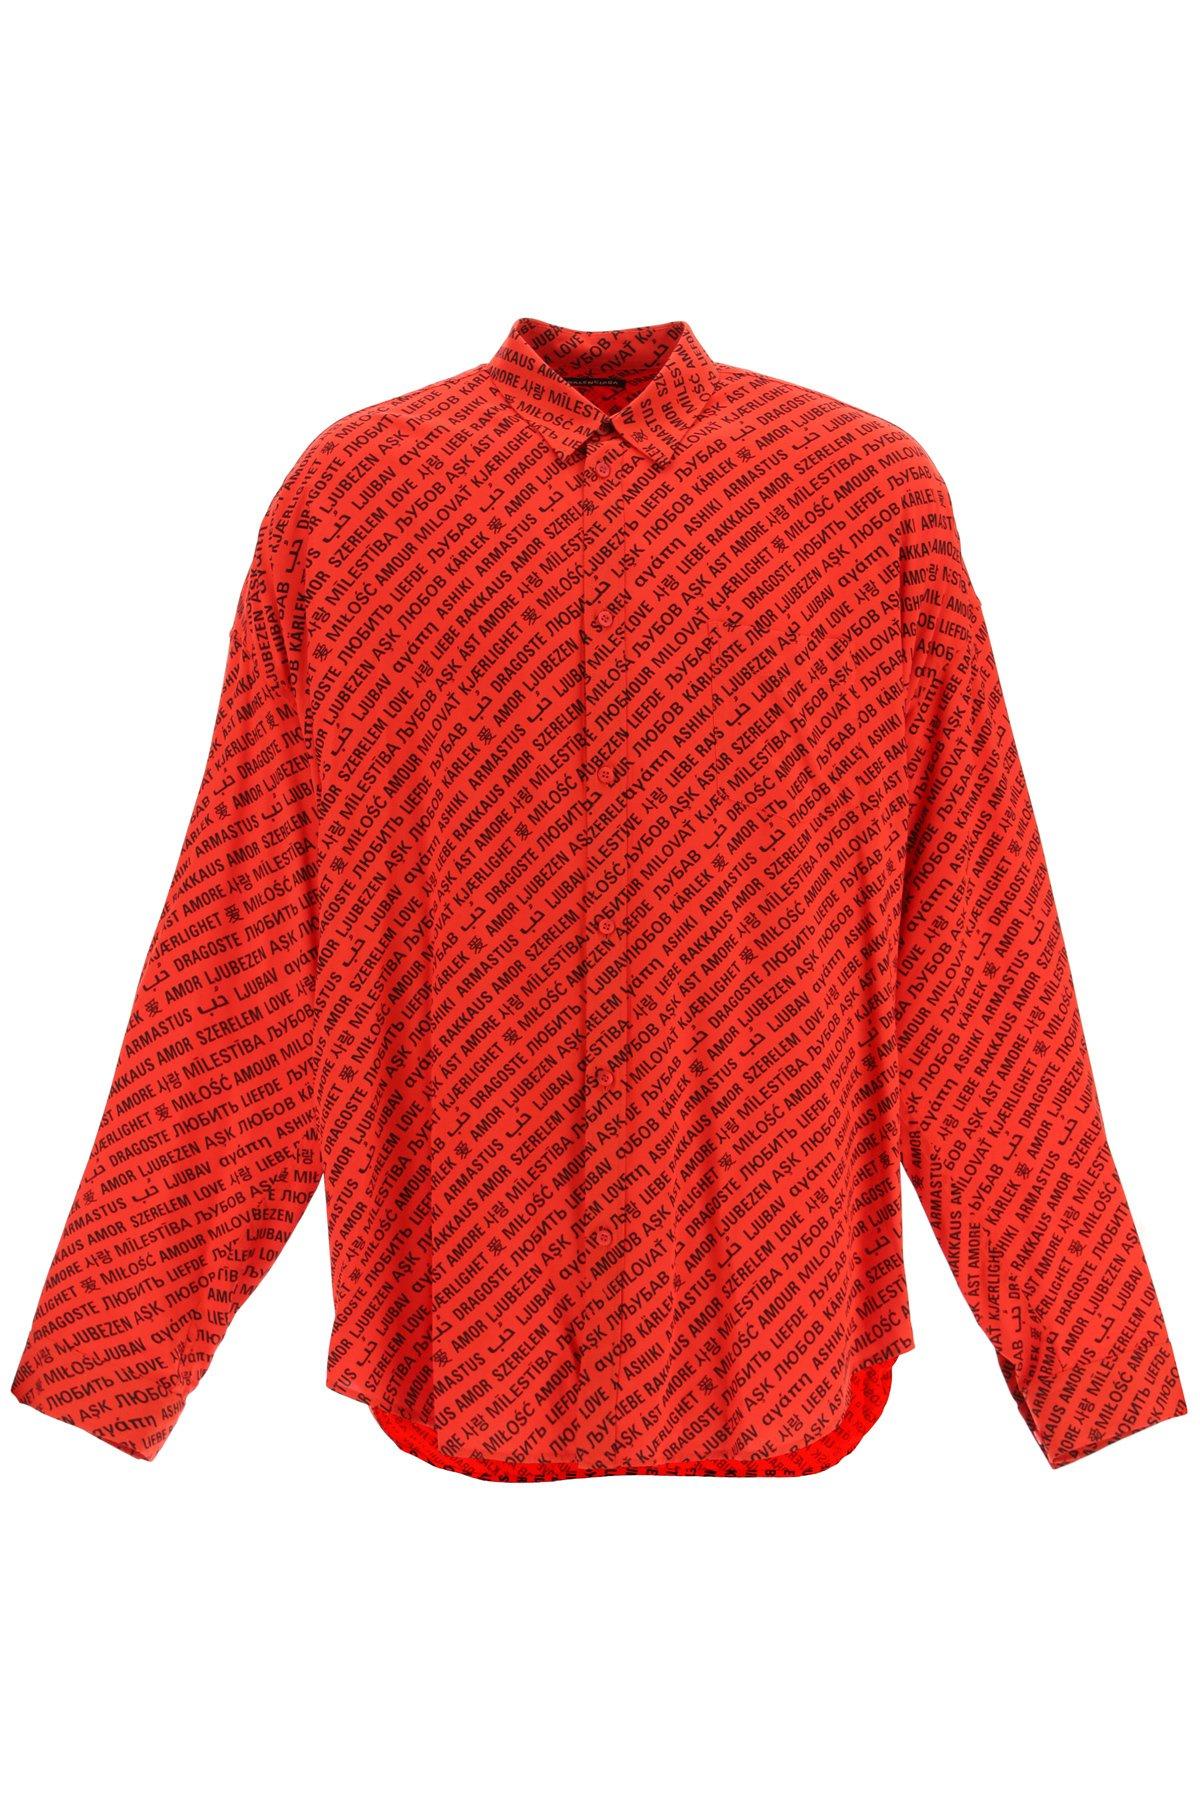 Balenciaga camicia script logo vareuse